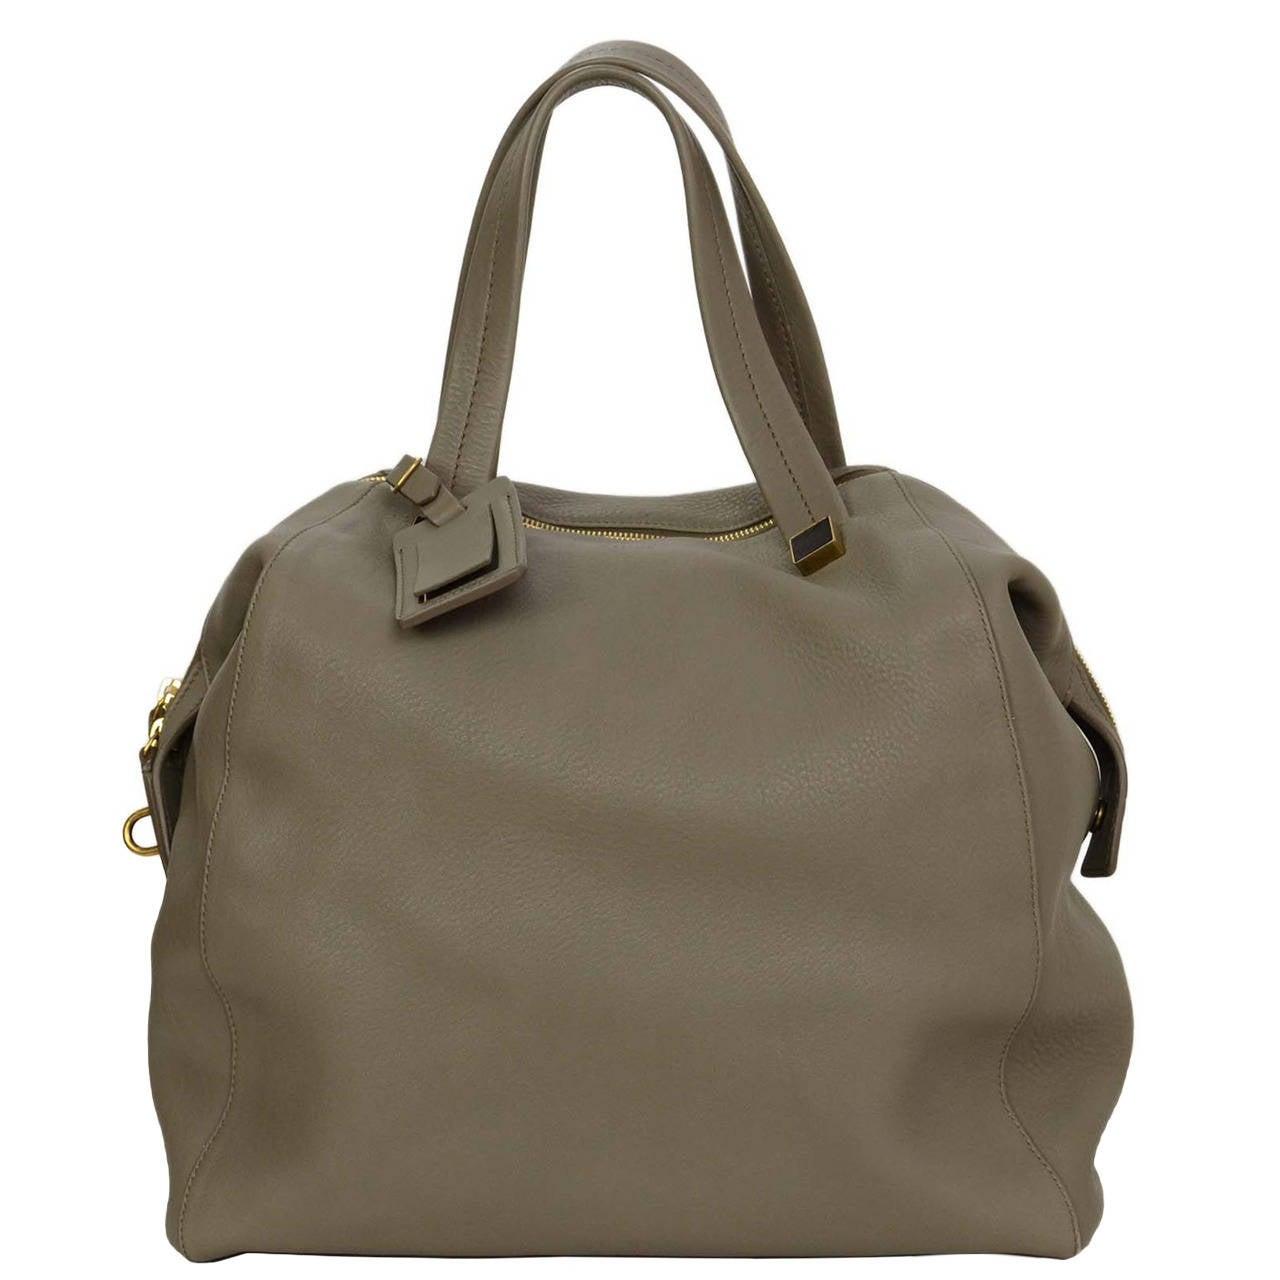 CELINE Grey Leather Bowler Bag GHW at 1stdibs